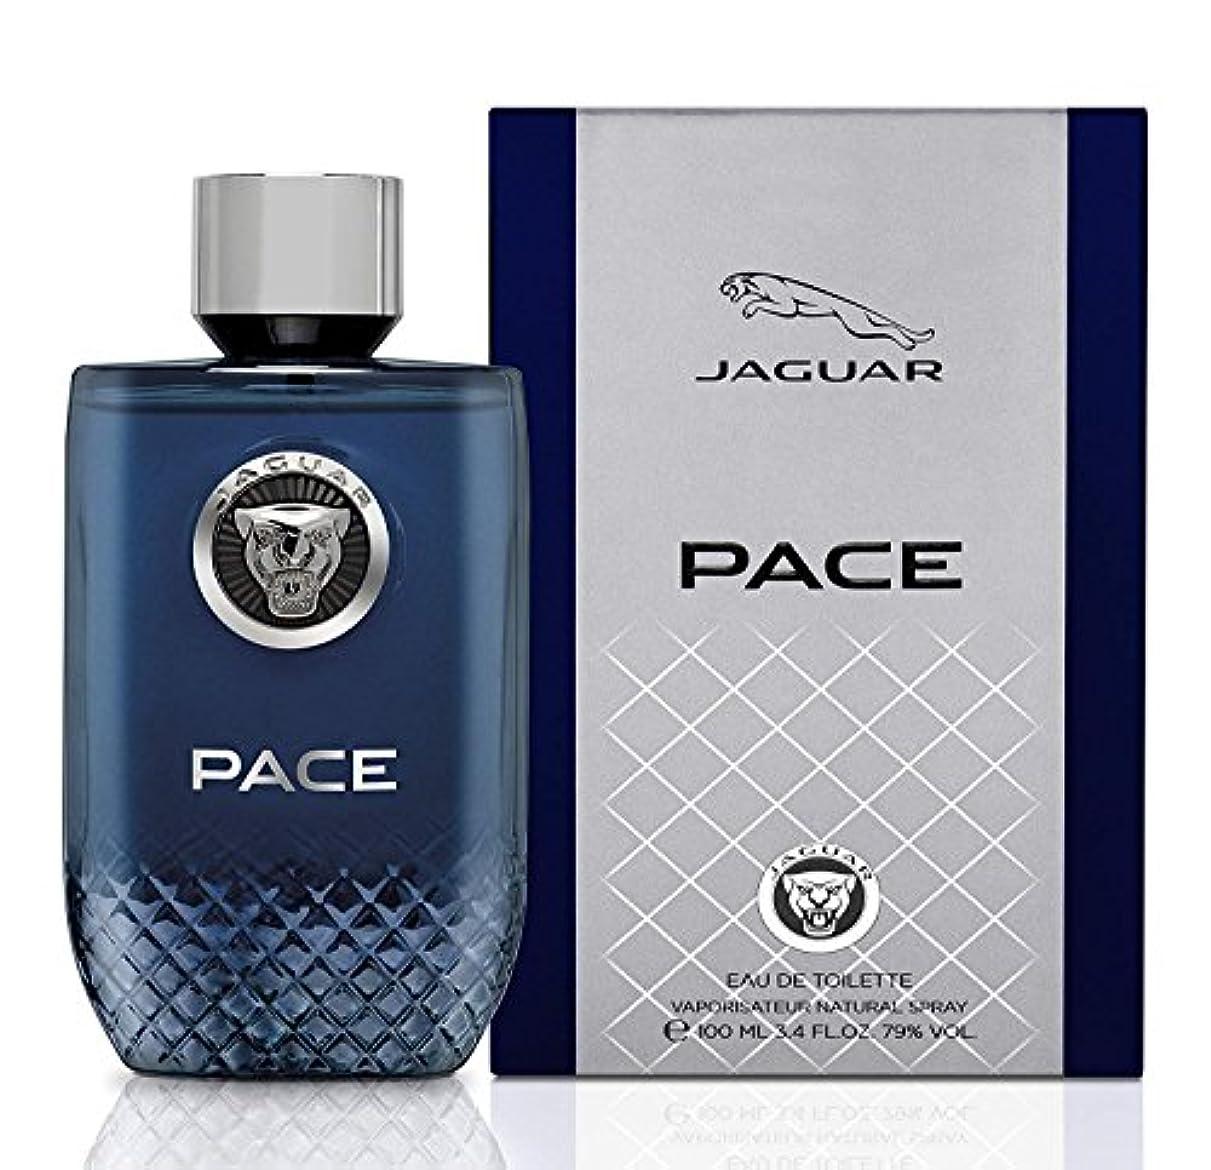 雑多なレスリングファセット【テスター】 ジャガー JAGUAR ペース スプレー オードトワレ EDT SP 100ml 香水 フレグランス メンズ